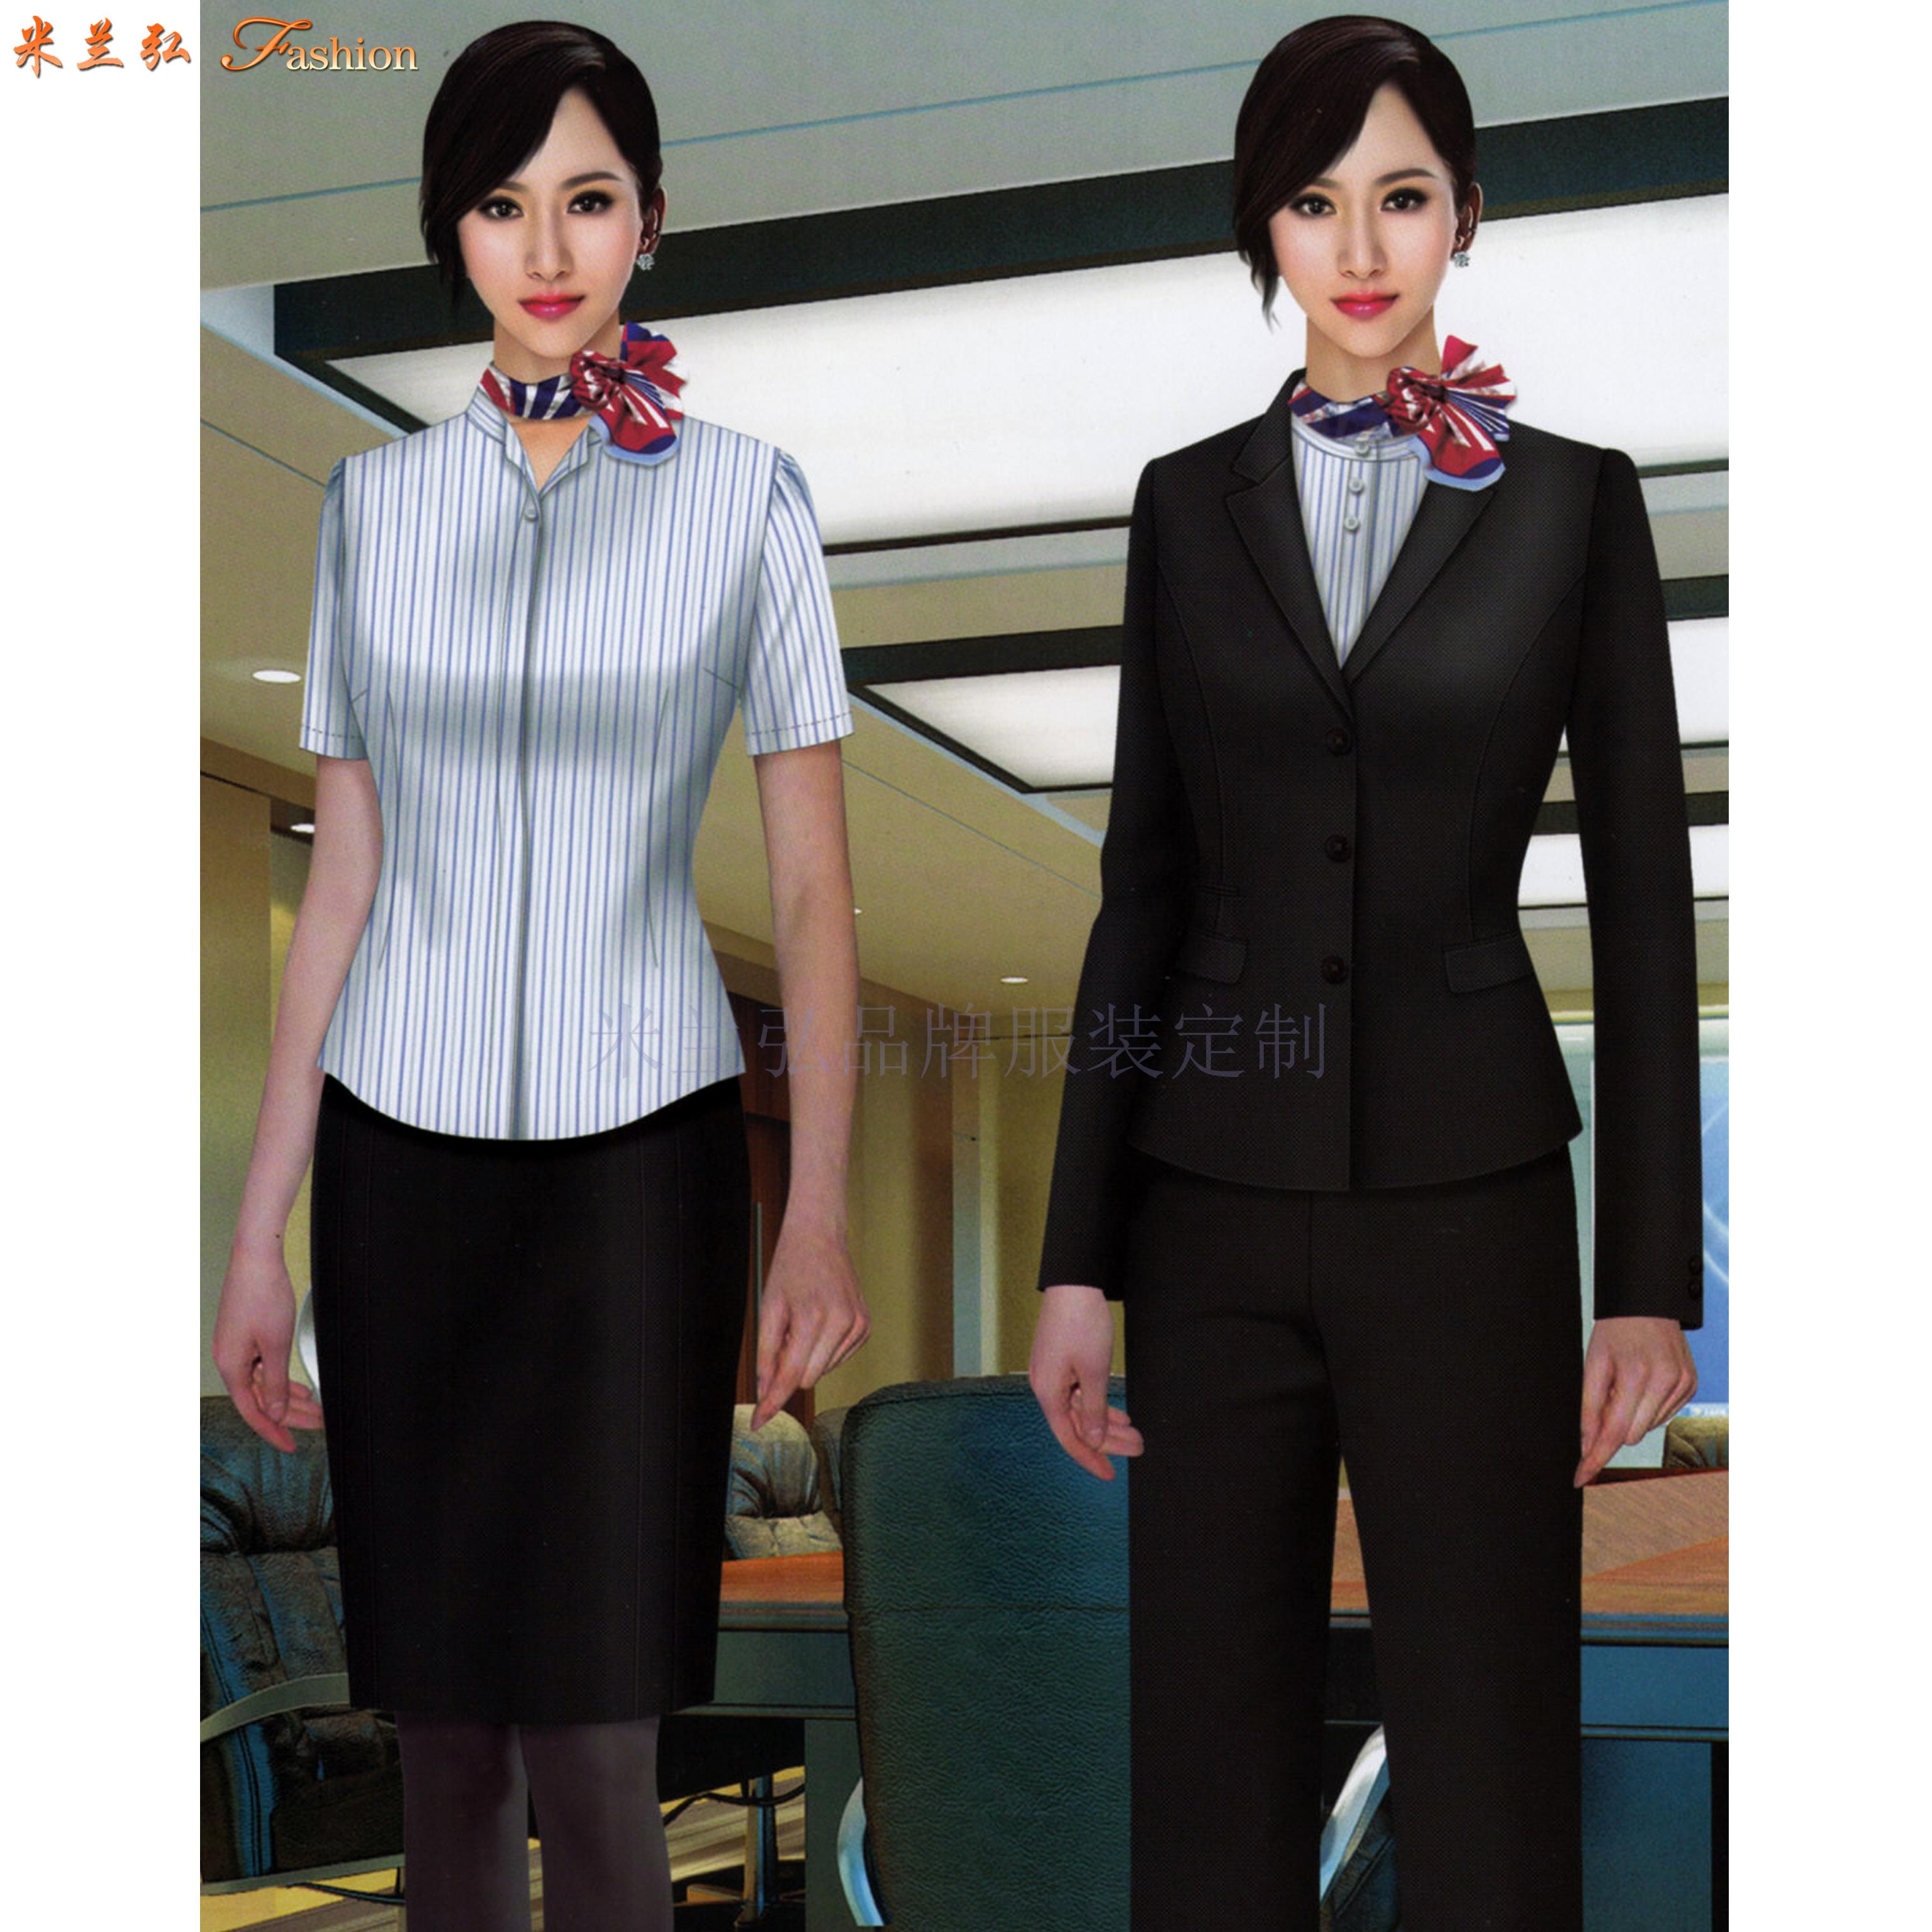 「西服」銀川量身定制商務品牌西服公司-米蘭弘服裝-3